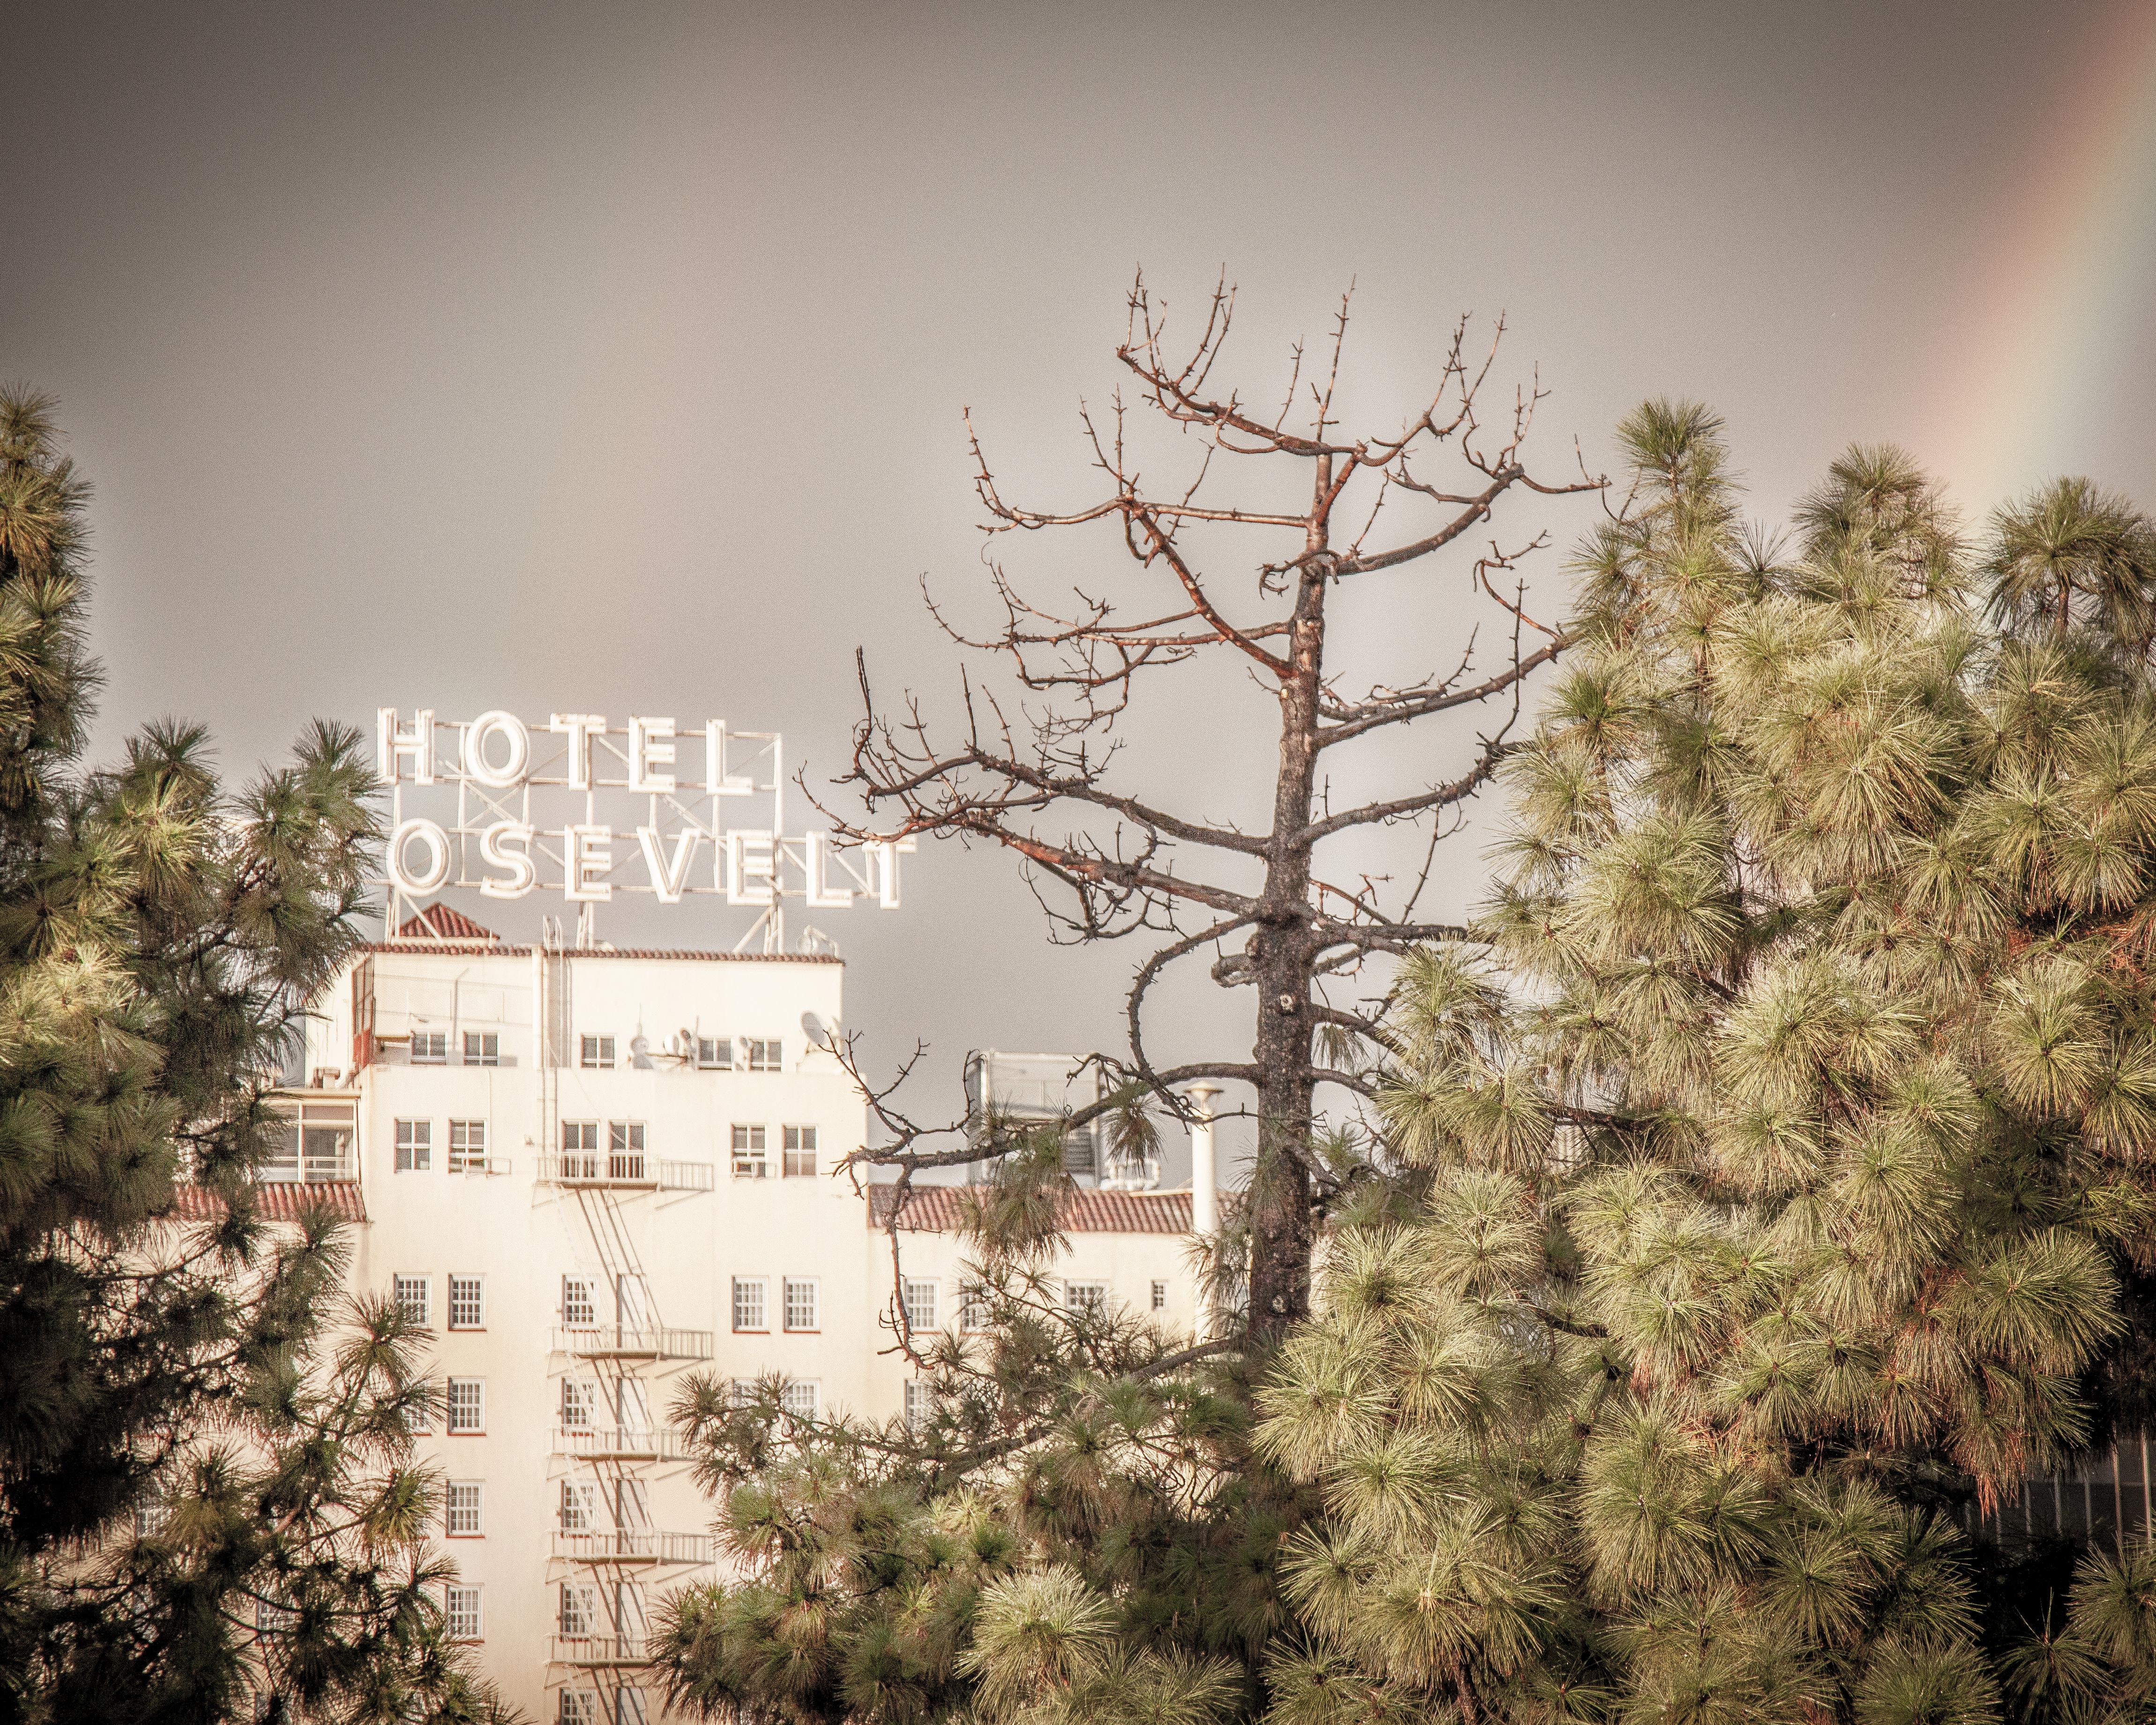 Hotel Osevelt